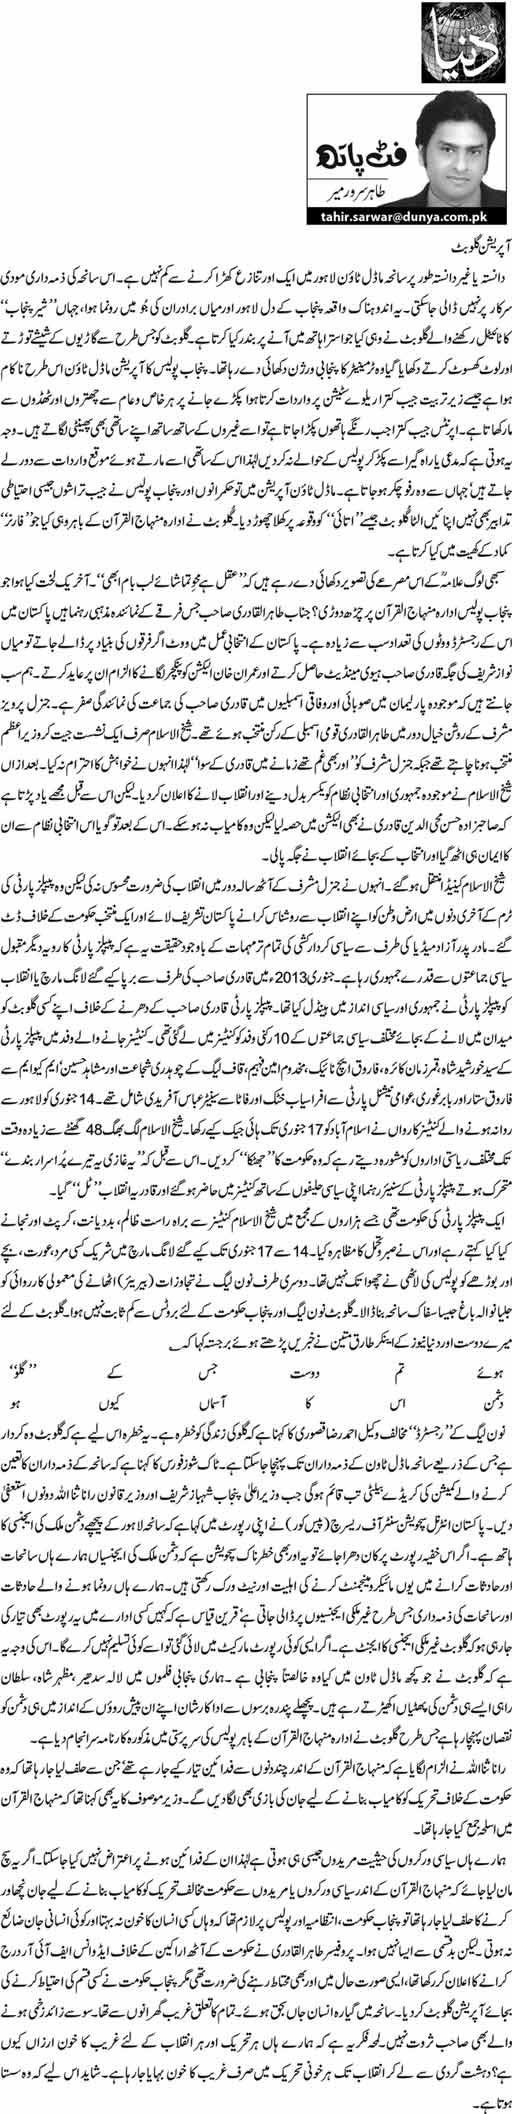 Print Media Coverage Dunya News - Tahir Sarwar Mir